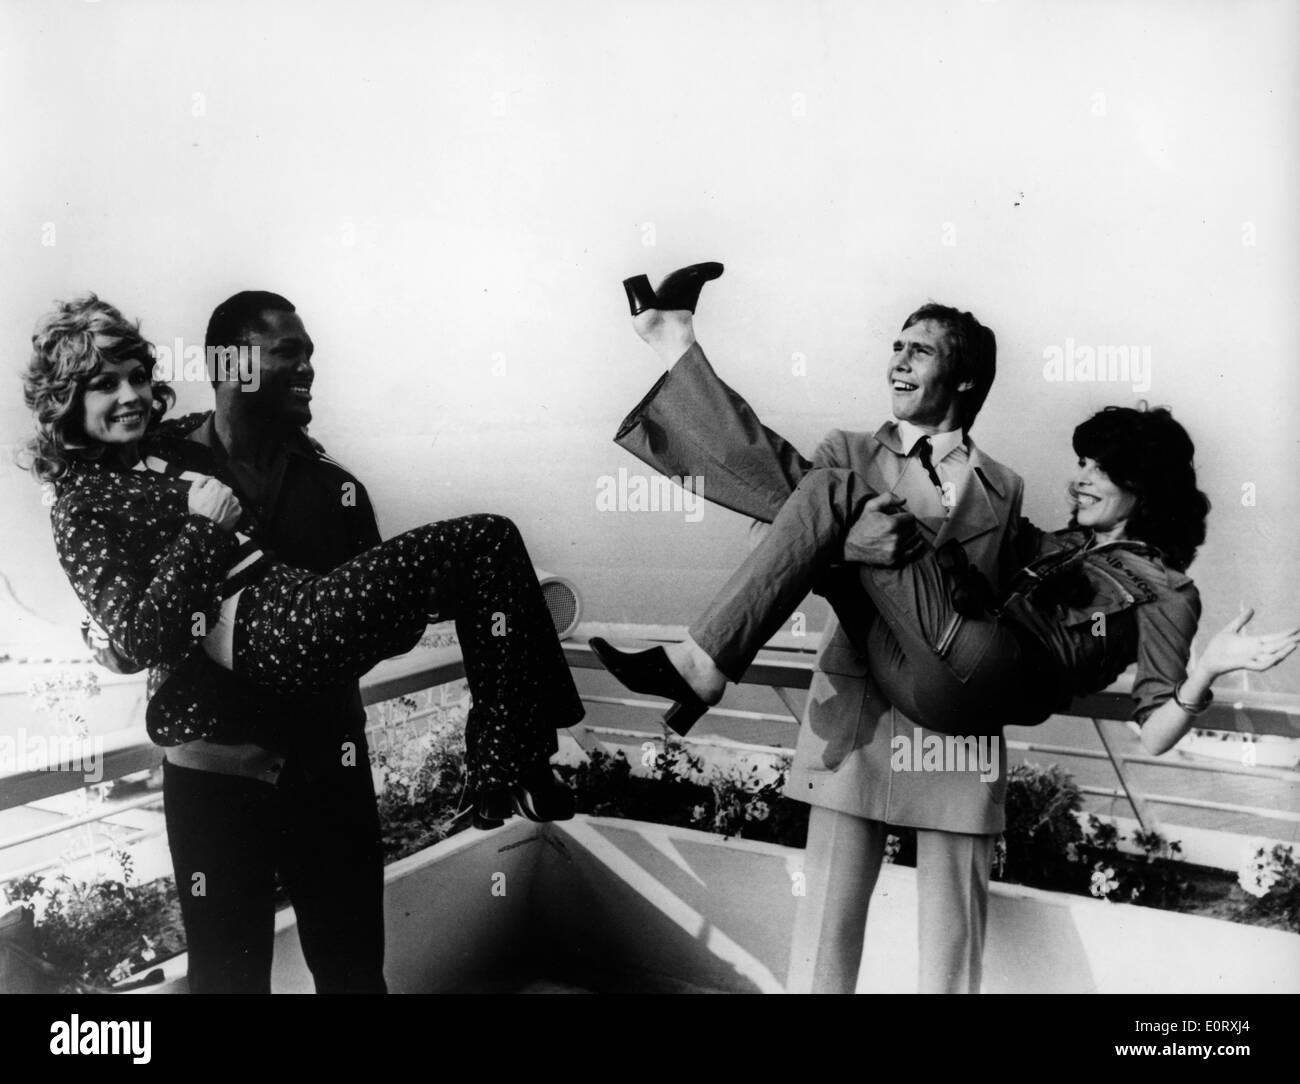 Smokin' Joe Frazier and friend carrying two women - Stock Image